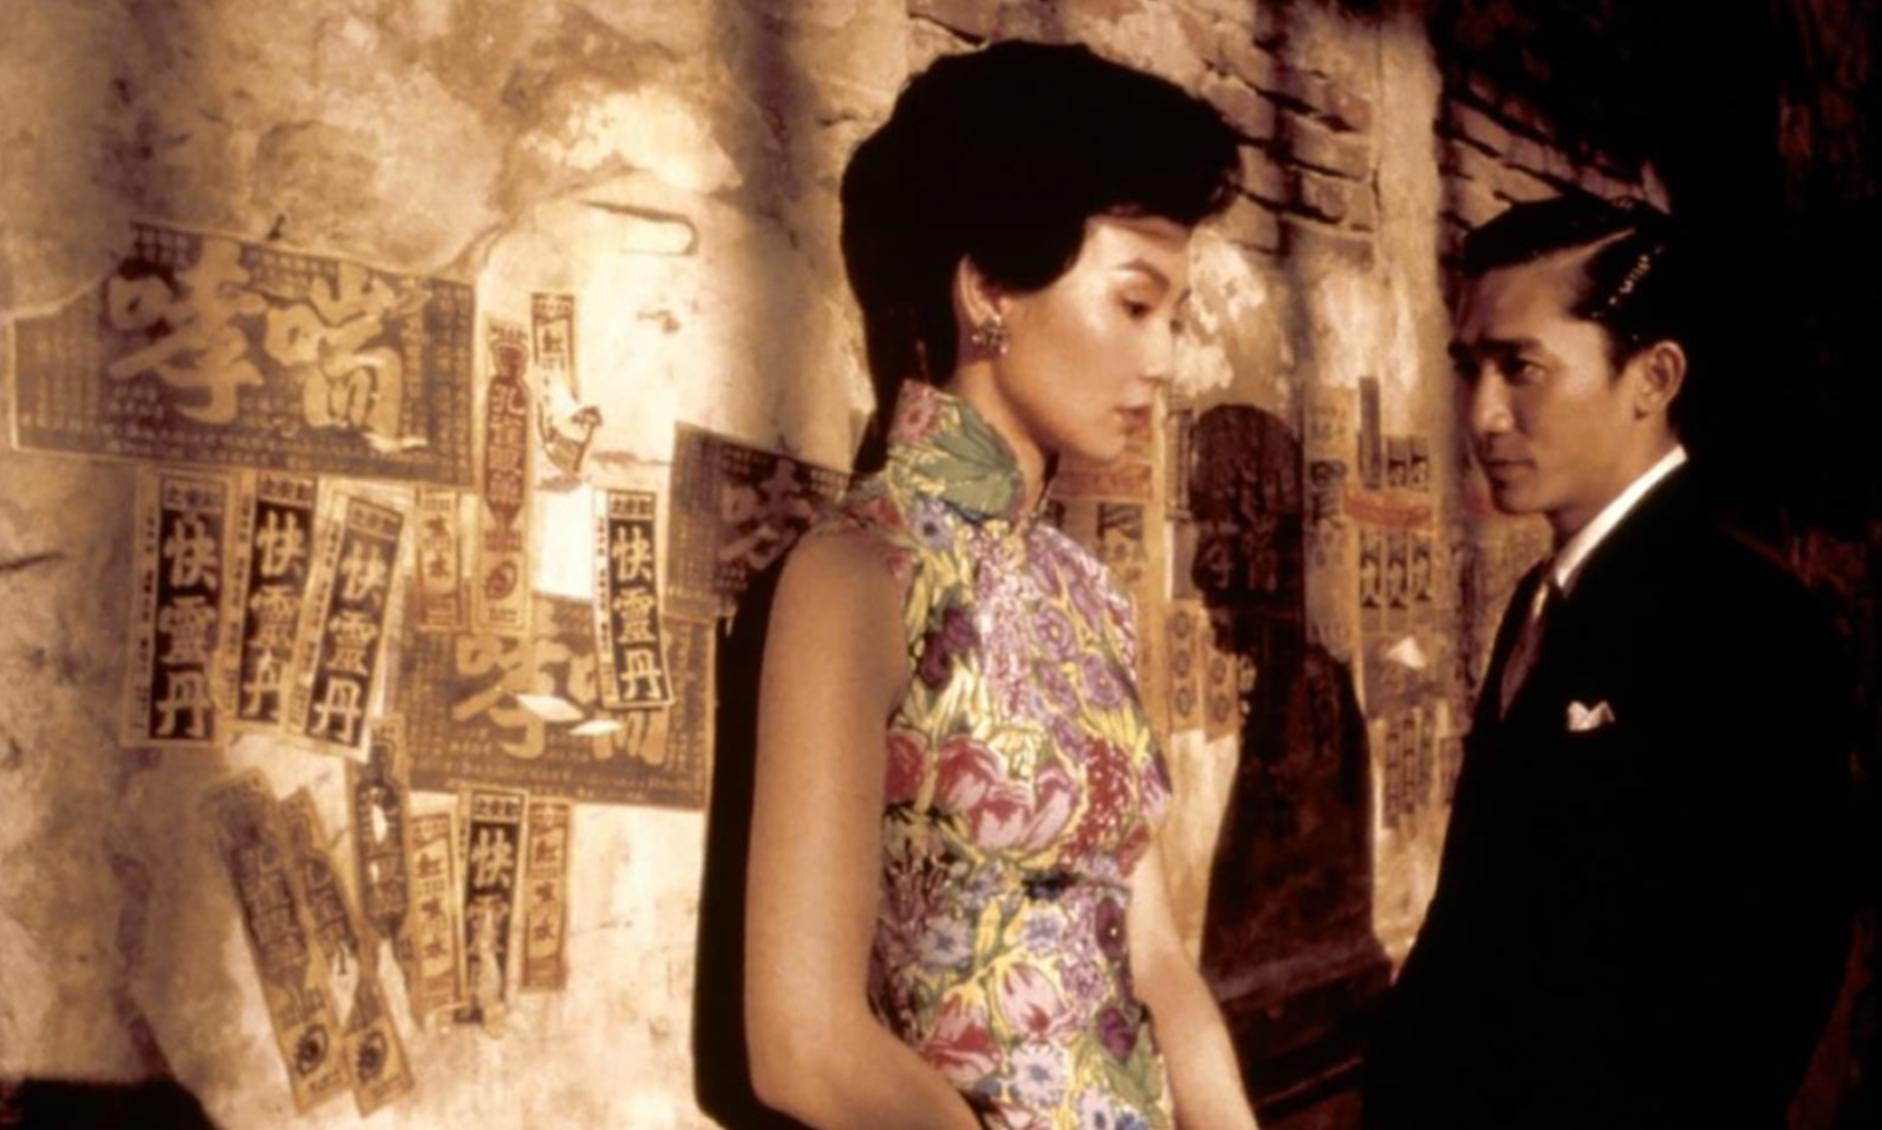 苏富比将拍卖王家卫《花样年华》 1 分 31 秒的 NFT 作品